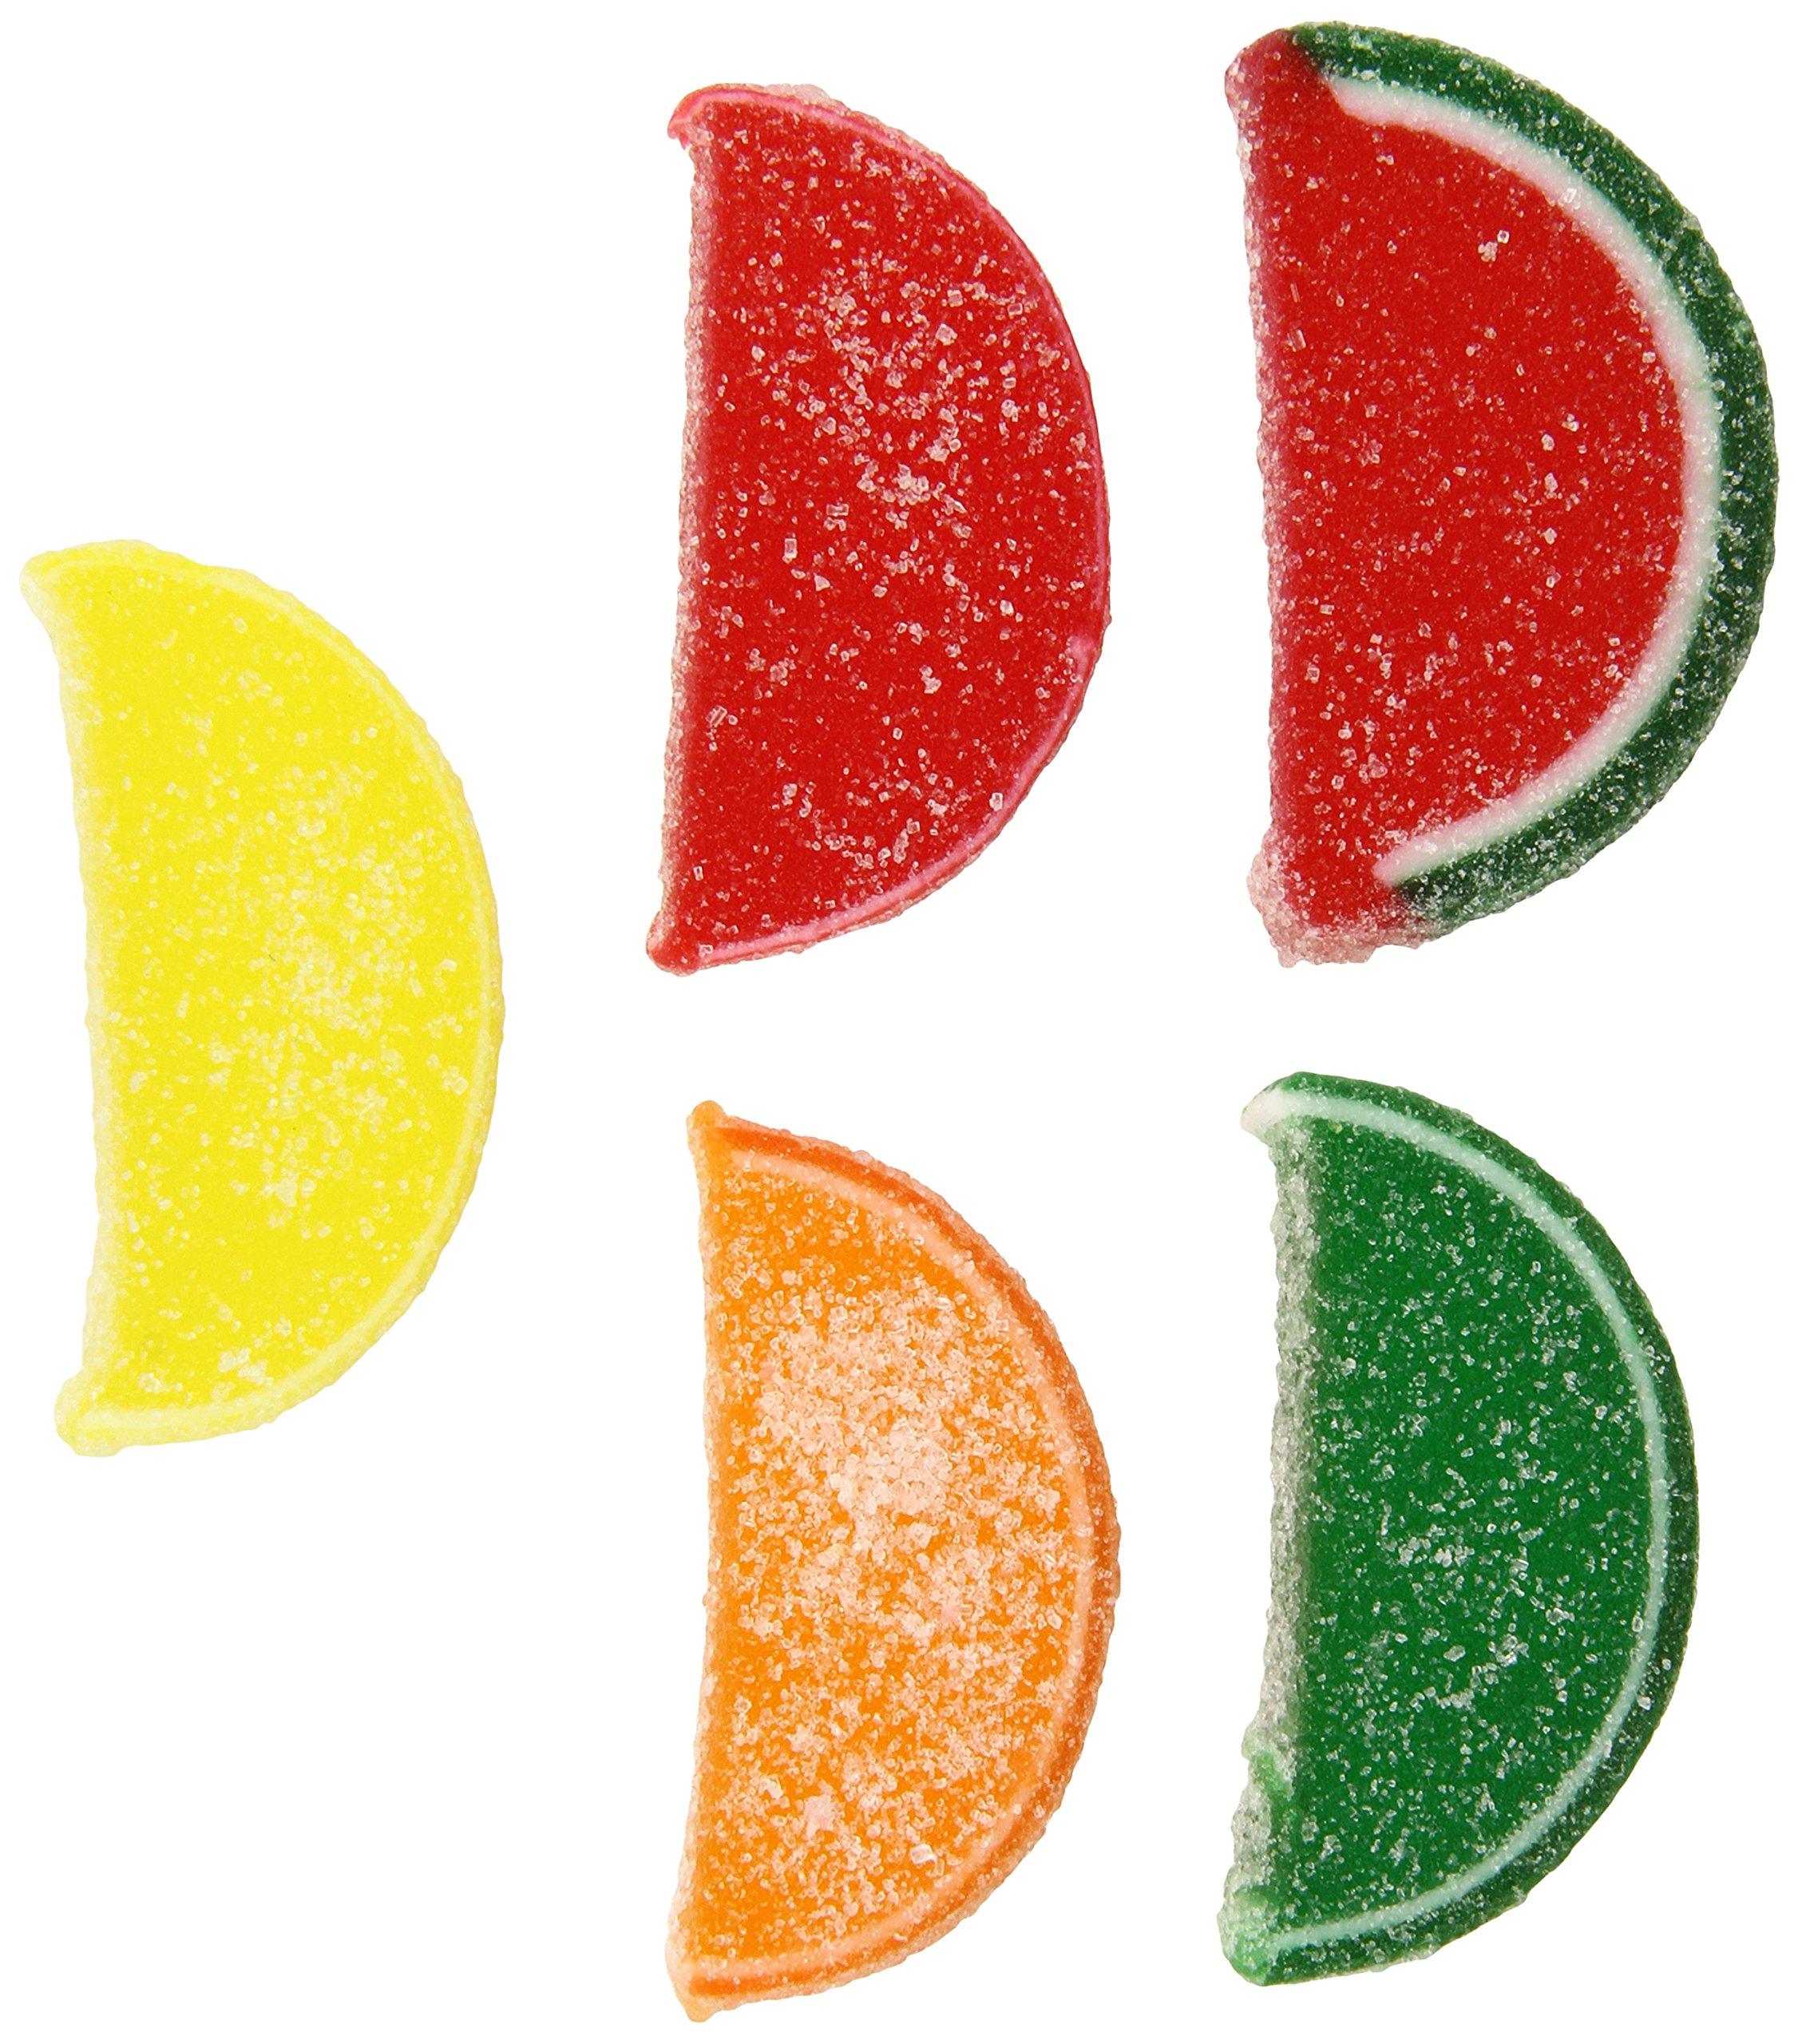 Nassau Candy Fruit Slice, Assorted, 5 Pound by Nassau Candy